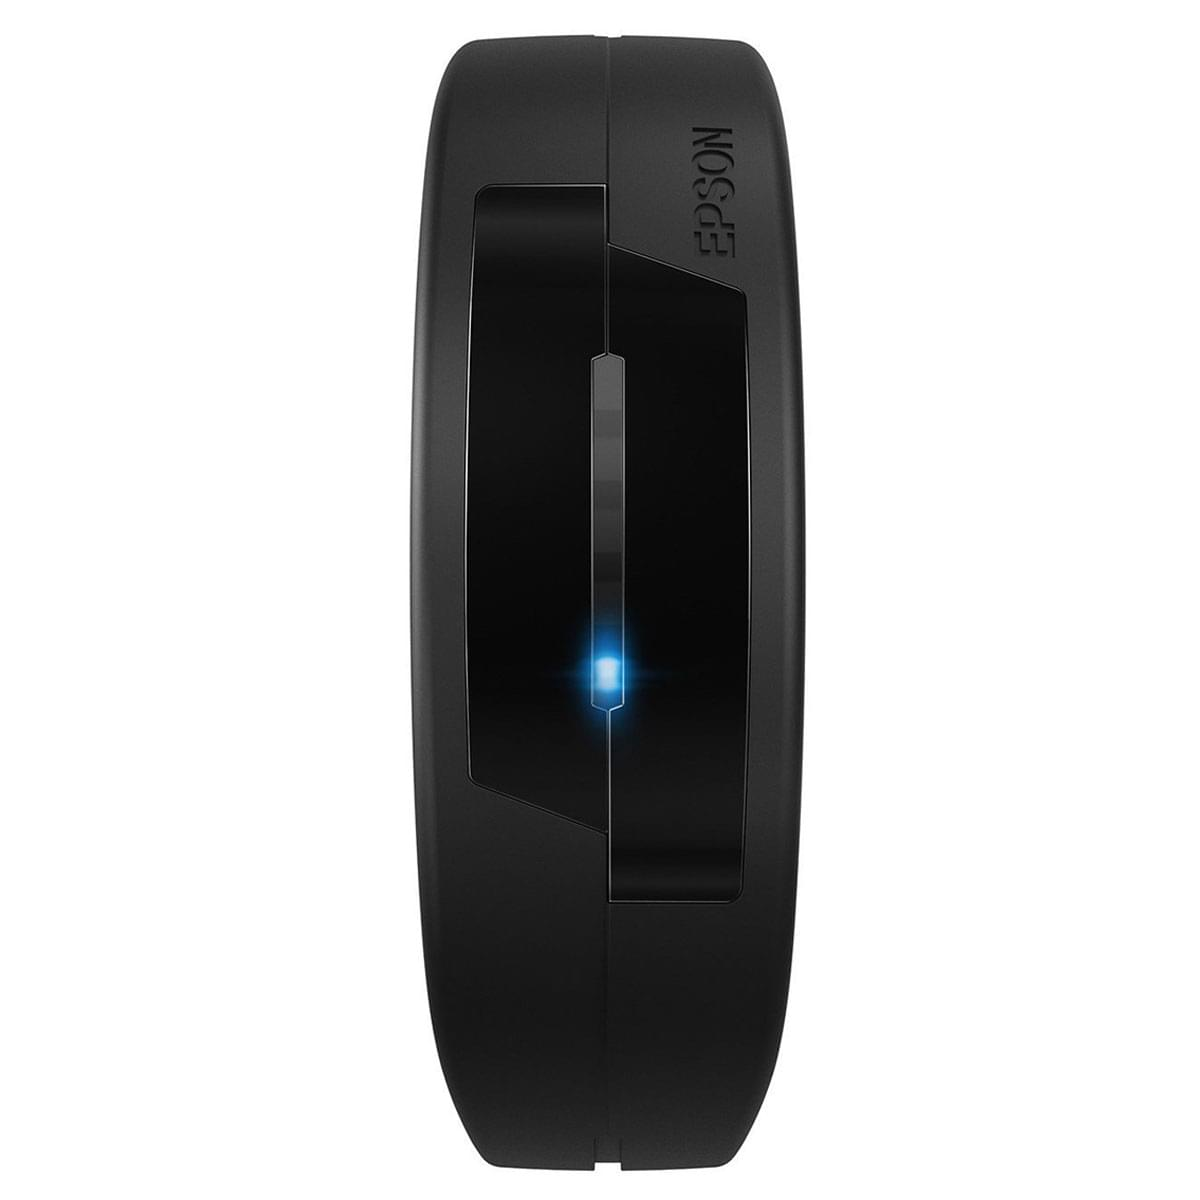 Epson Pulsense PS-100B Black M/L (Bracelet connecté) (E11E207A13) - Achat / Vente Objet connecté / Domotique sur Cybertek.fr - 0